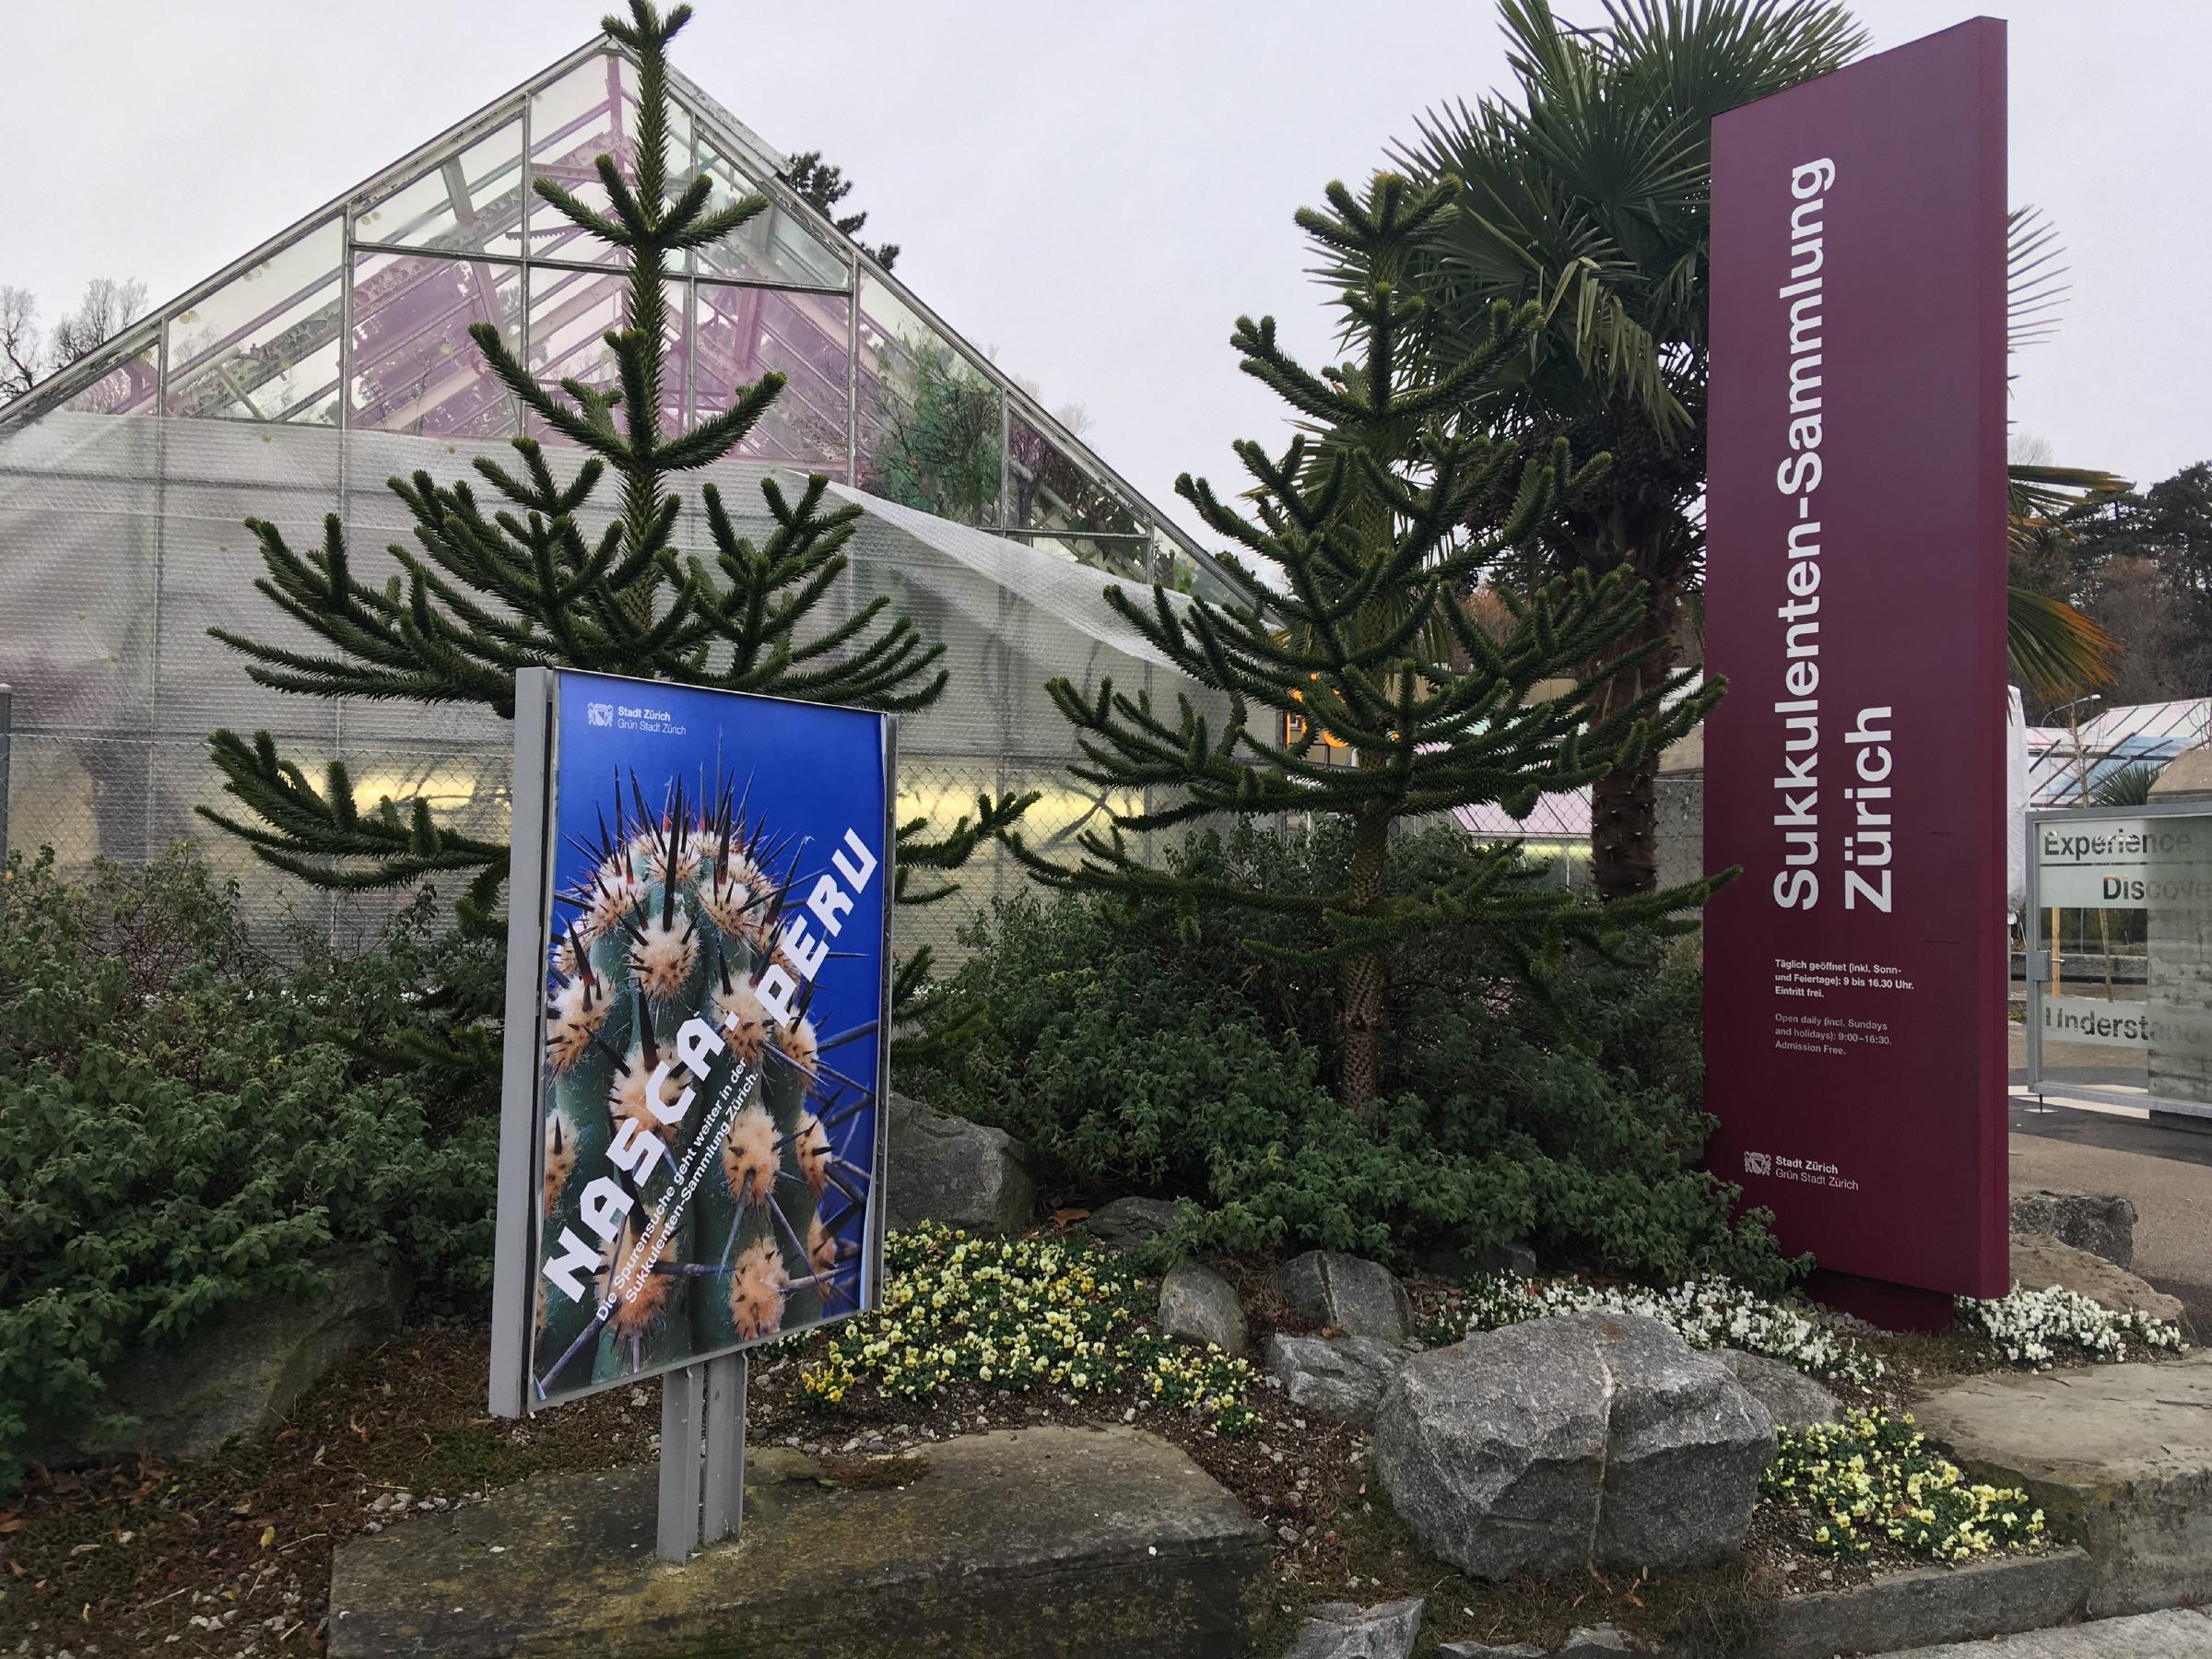 Sukkulenten Sammlung Zürich, Switzerland Attractions Lonely Planet ~ 15105120_Sukkulenten Sammlung Zürich Parkplatz